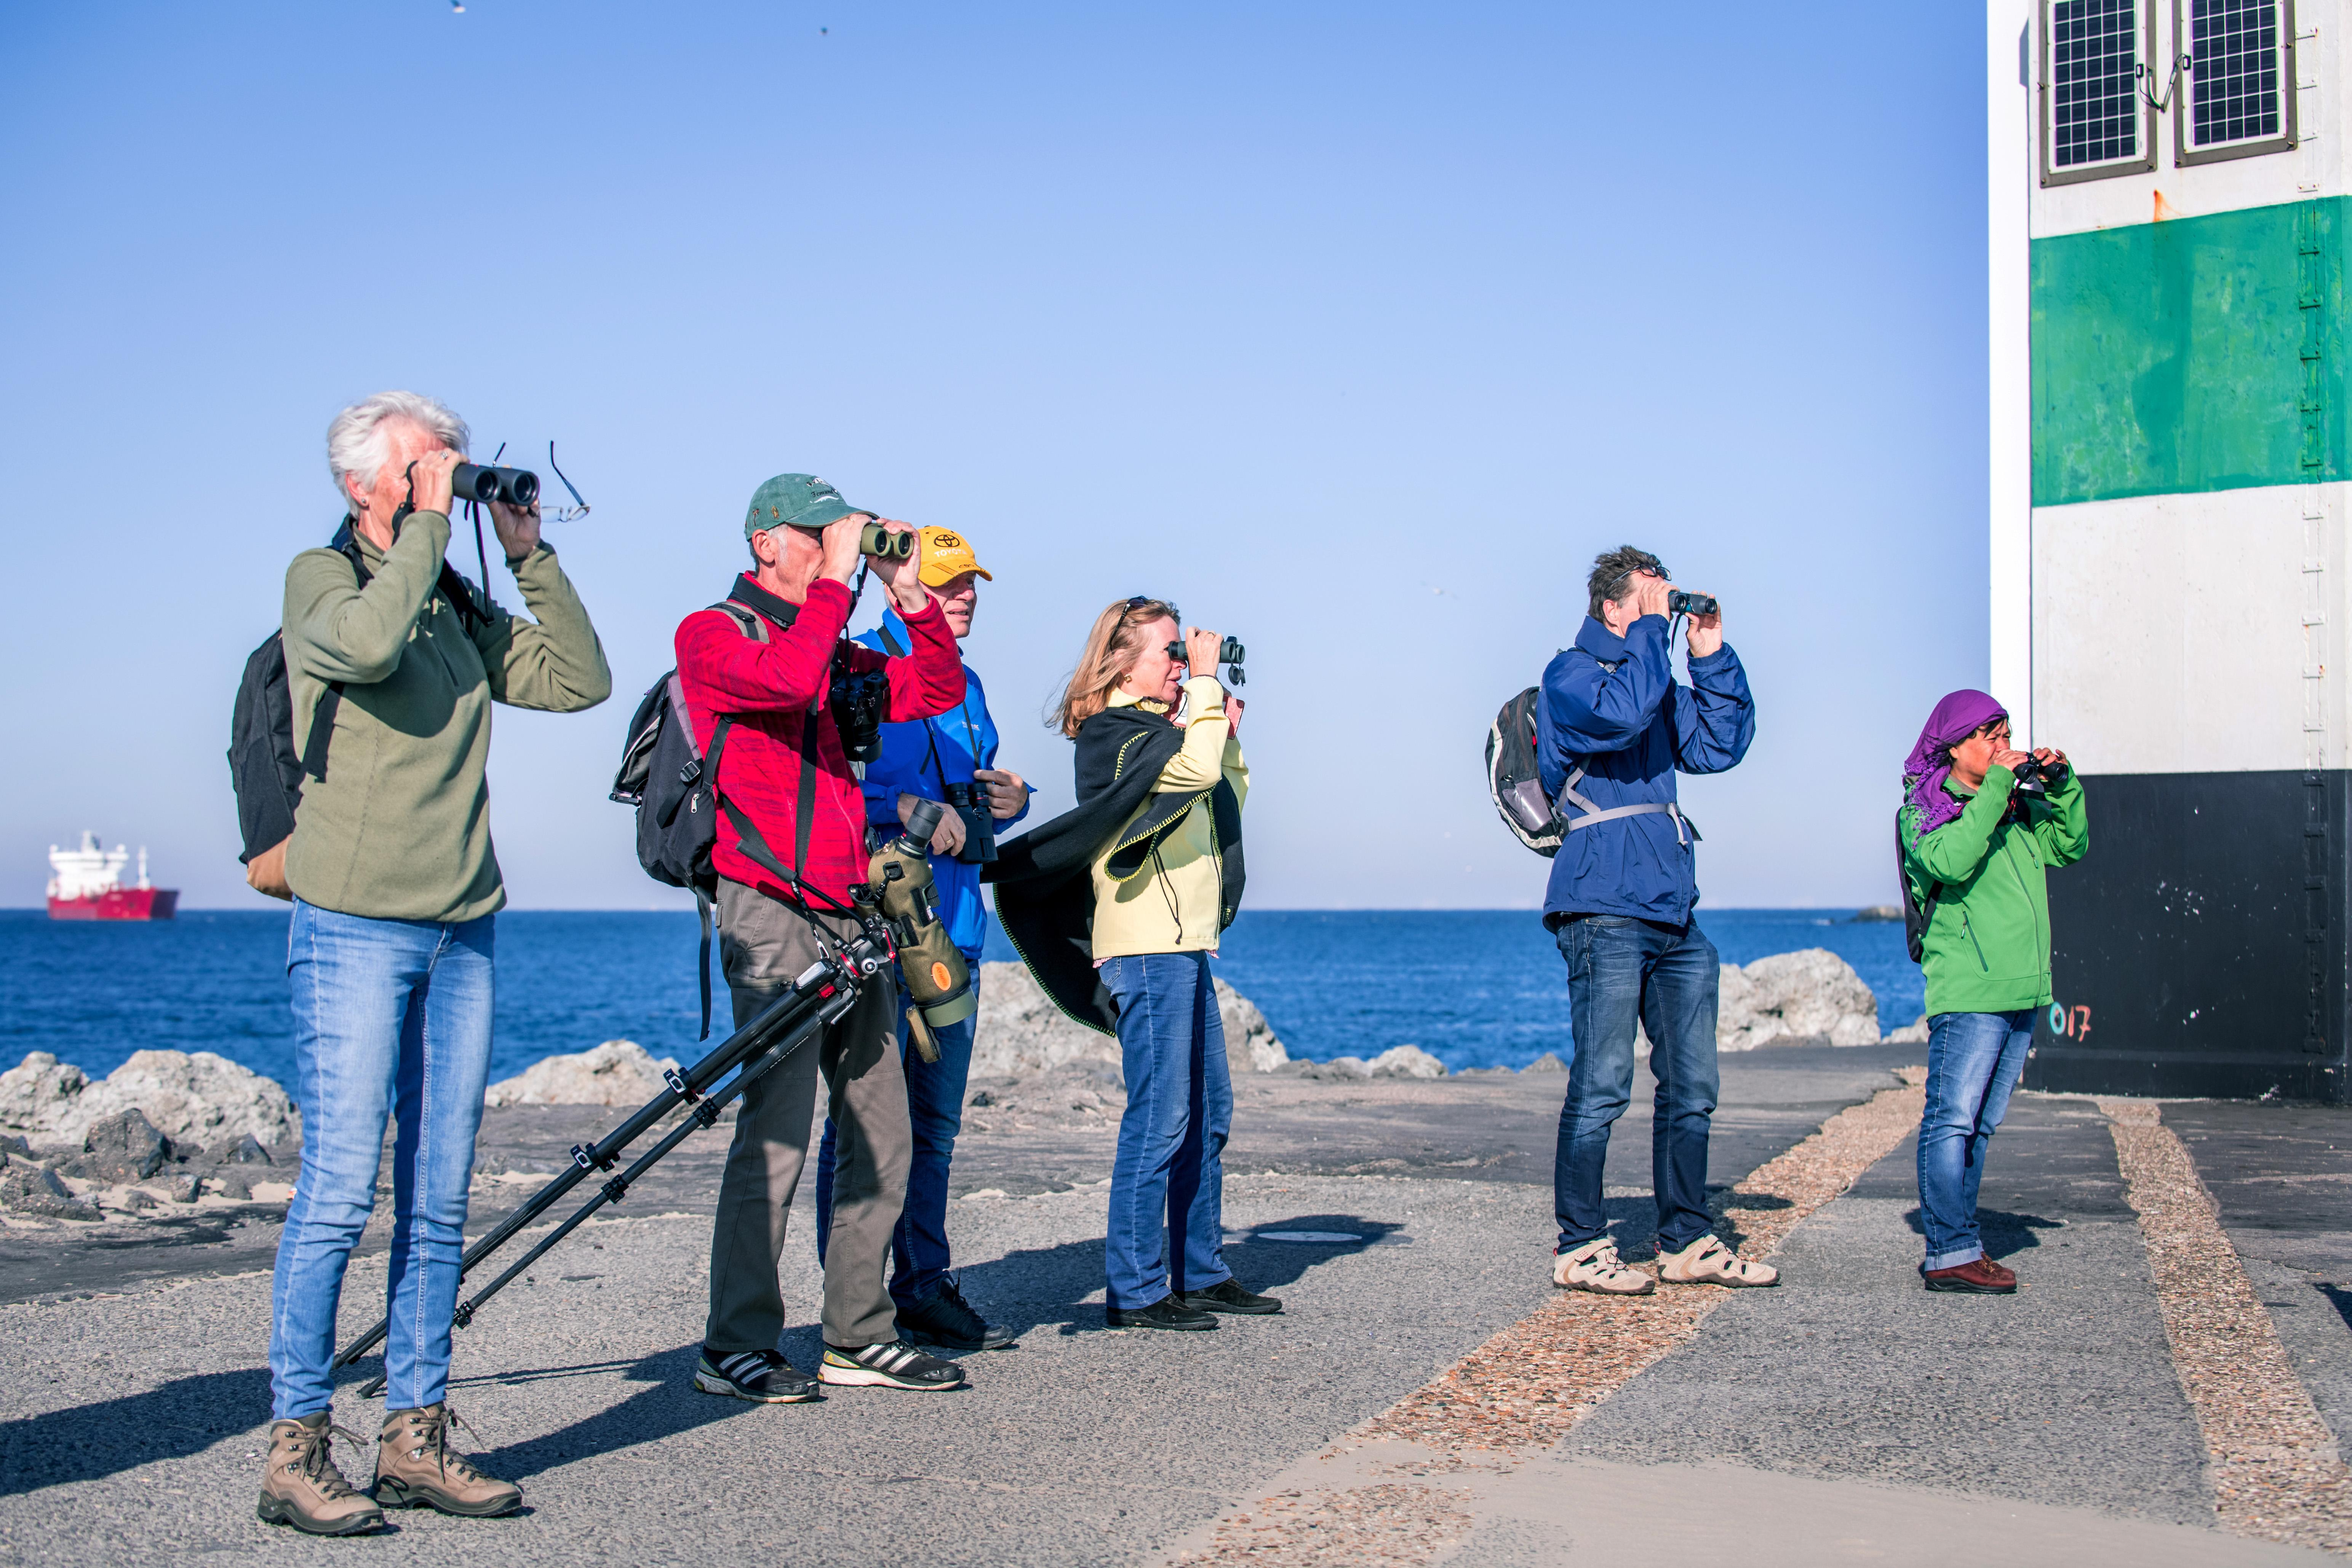 Vogelaars trekken naar het strand van IJmuiden aan Zee en de Zuidpier: 'Hoor mensen, dat geluid: zizip!, zizip! Dat is de graspieper'